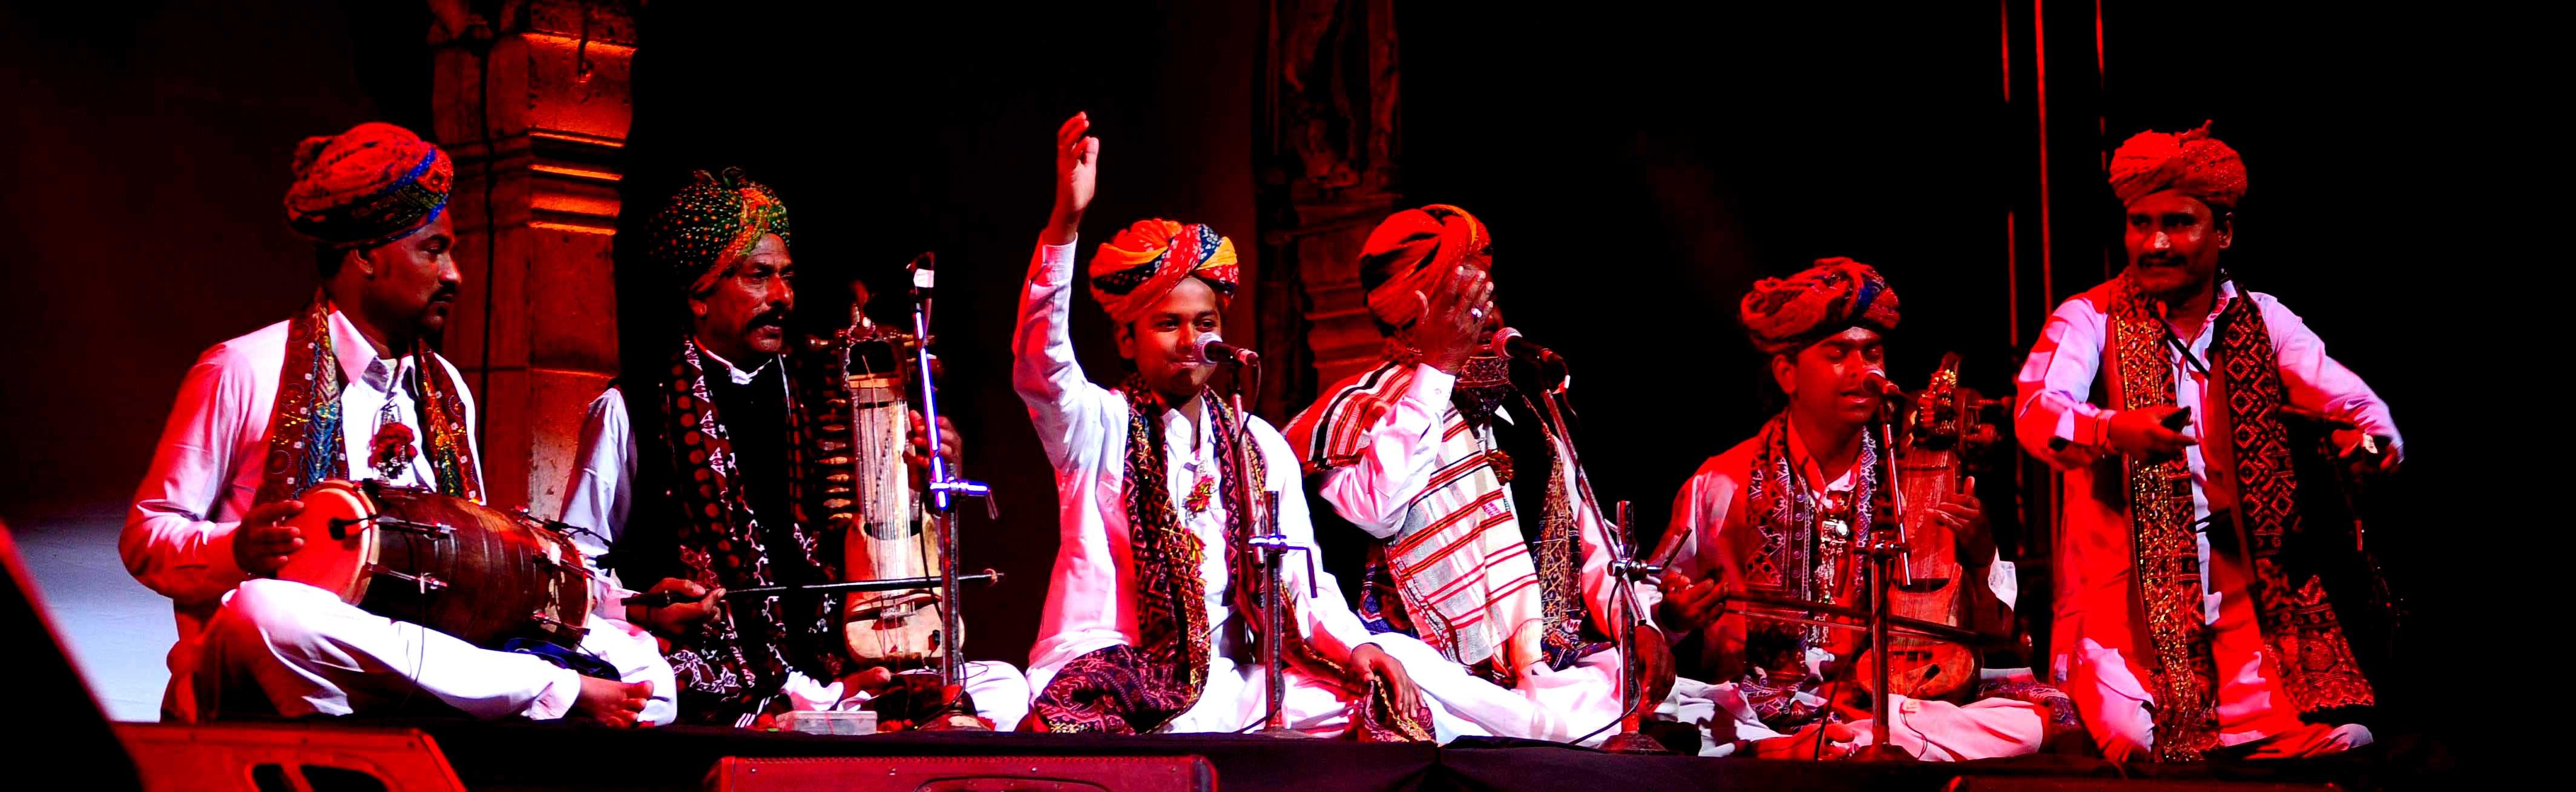 A Rare Langa Musician Group